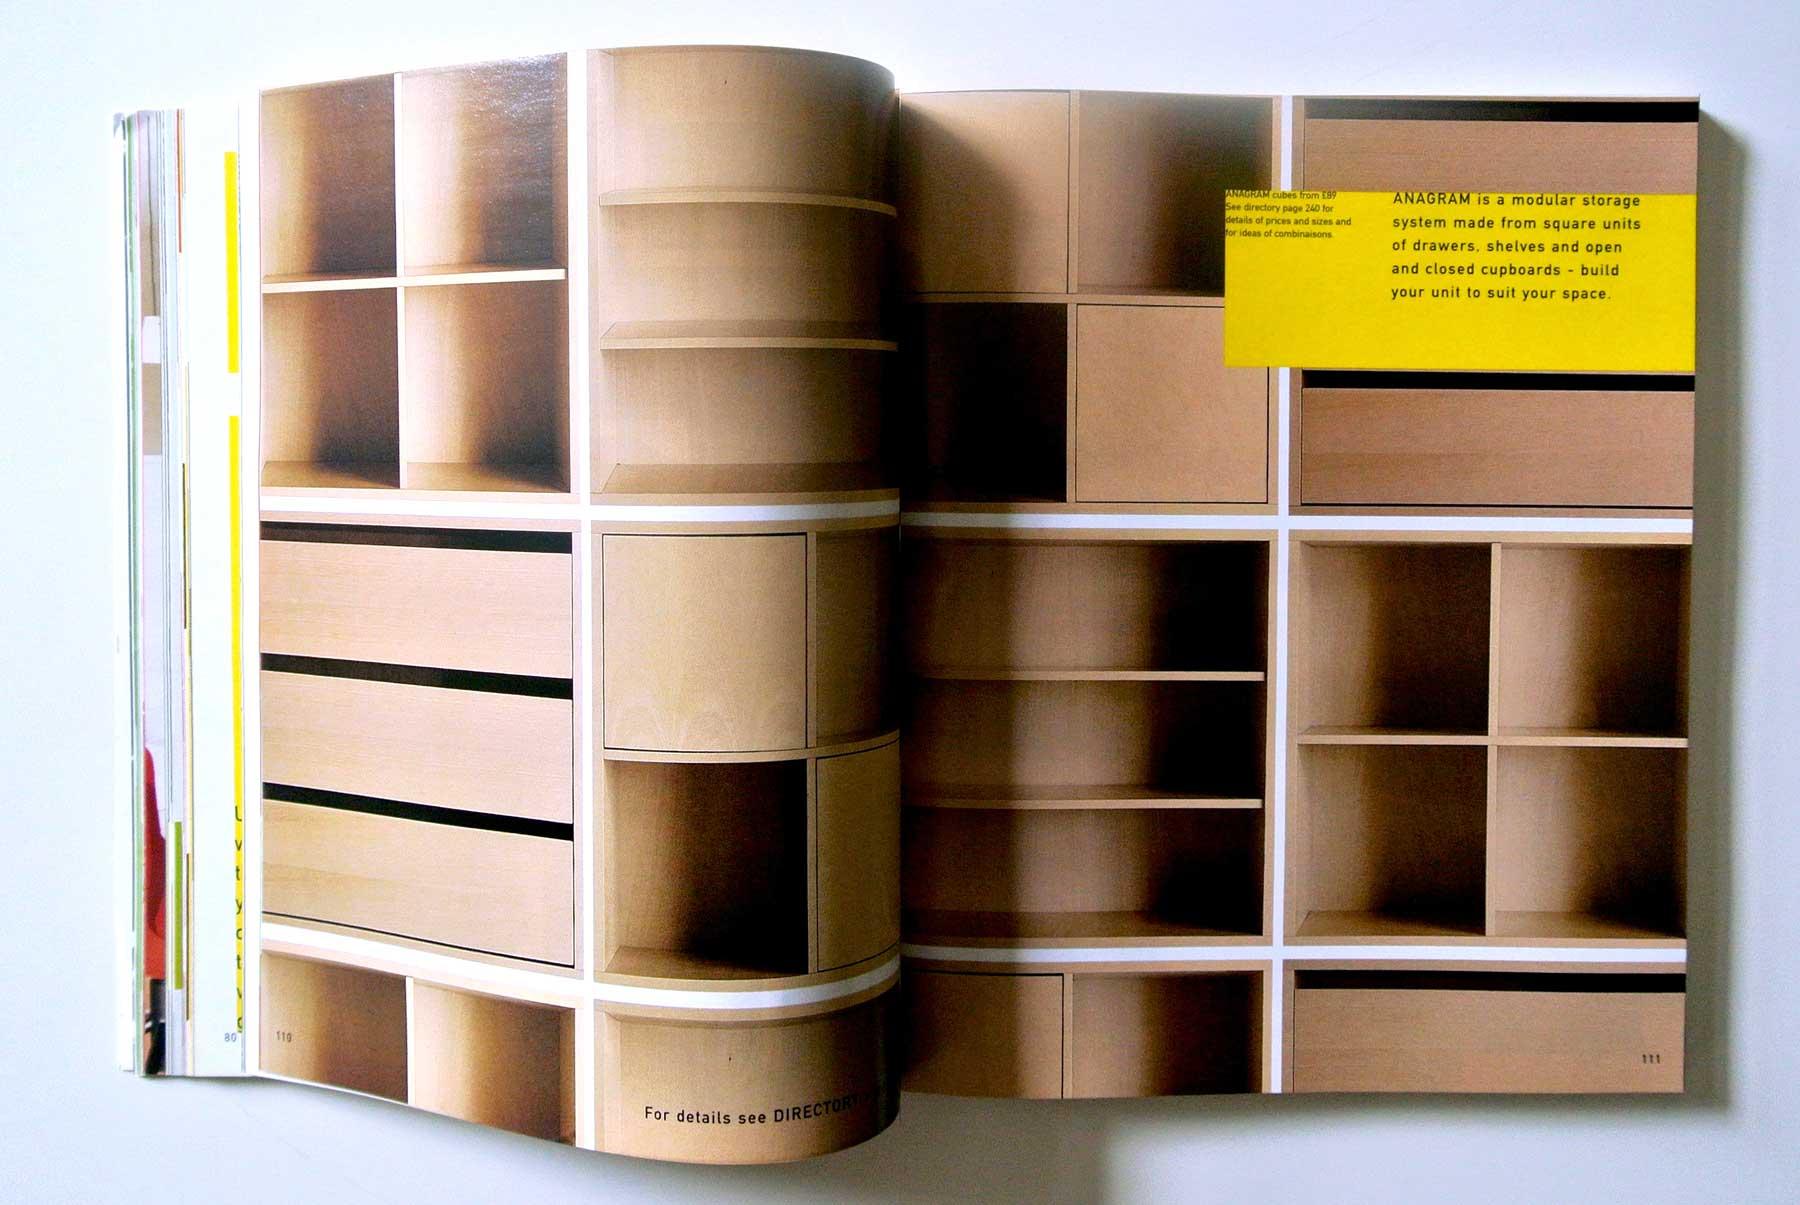 habitat_catalogue2_16